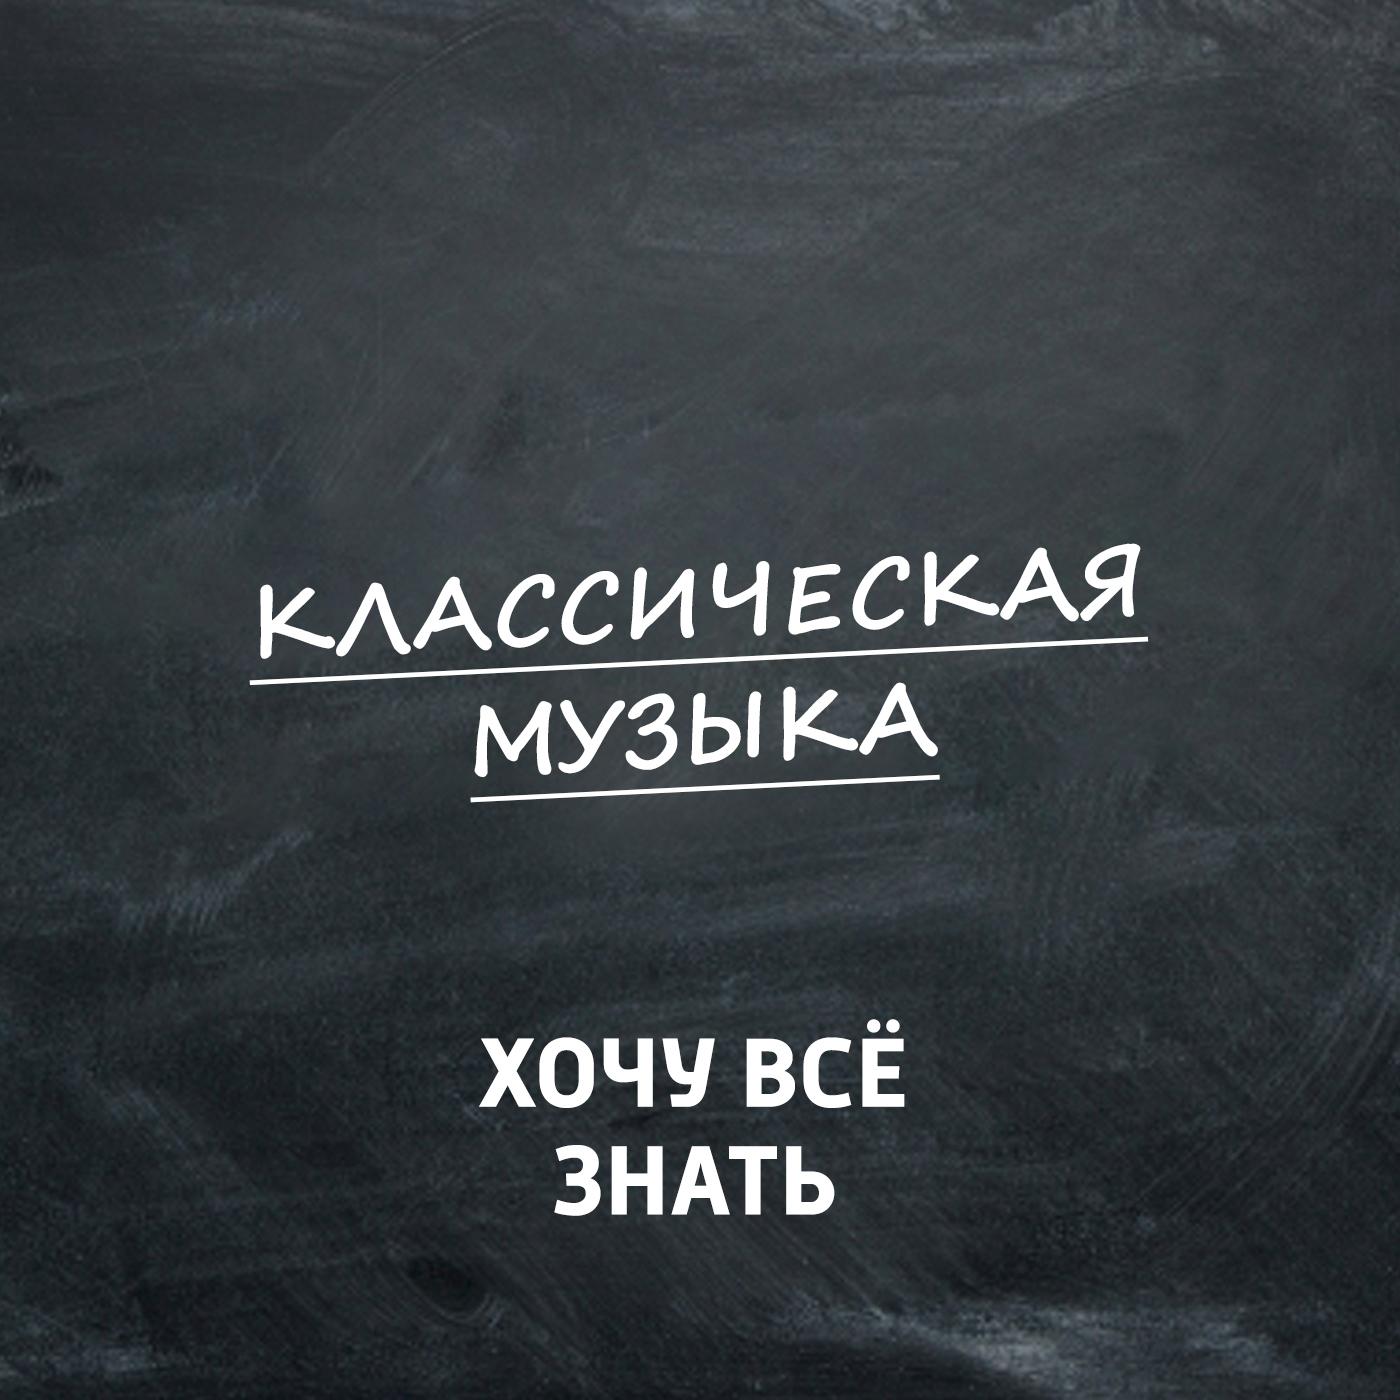 Творческий коллектив программы «Хочу всё знать» Симфония №7 Дмитрия Шостаковича эльнара петрова кейс петербургской филармонии им шостаковича новый подход к smm